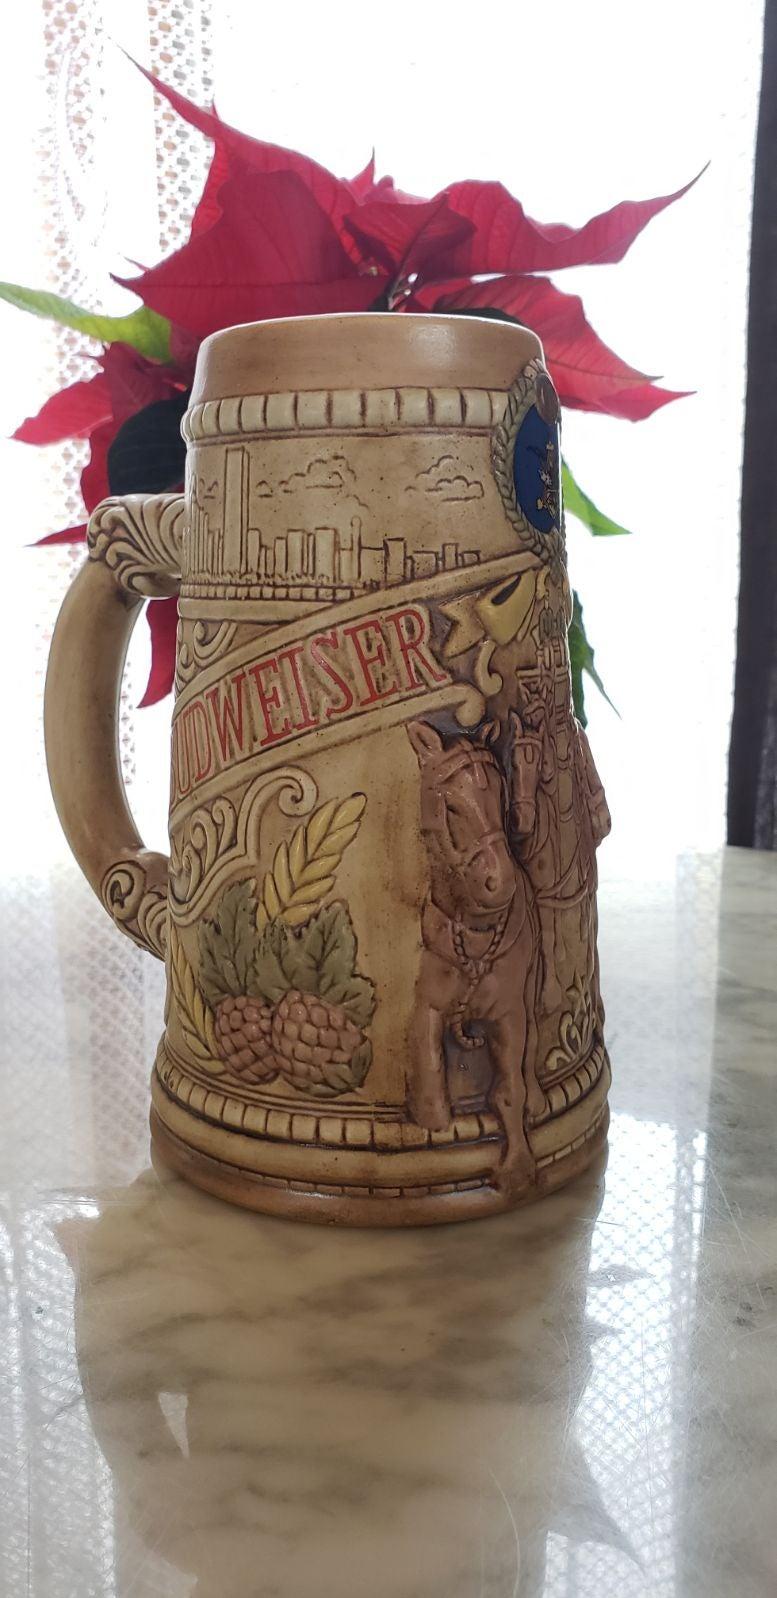 BUDWEISER STEIN CERAMARTE BEER MUG